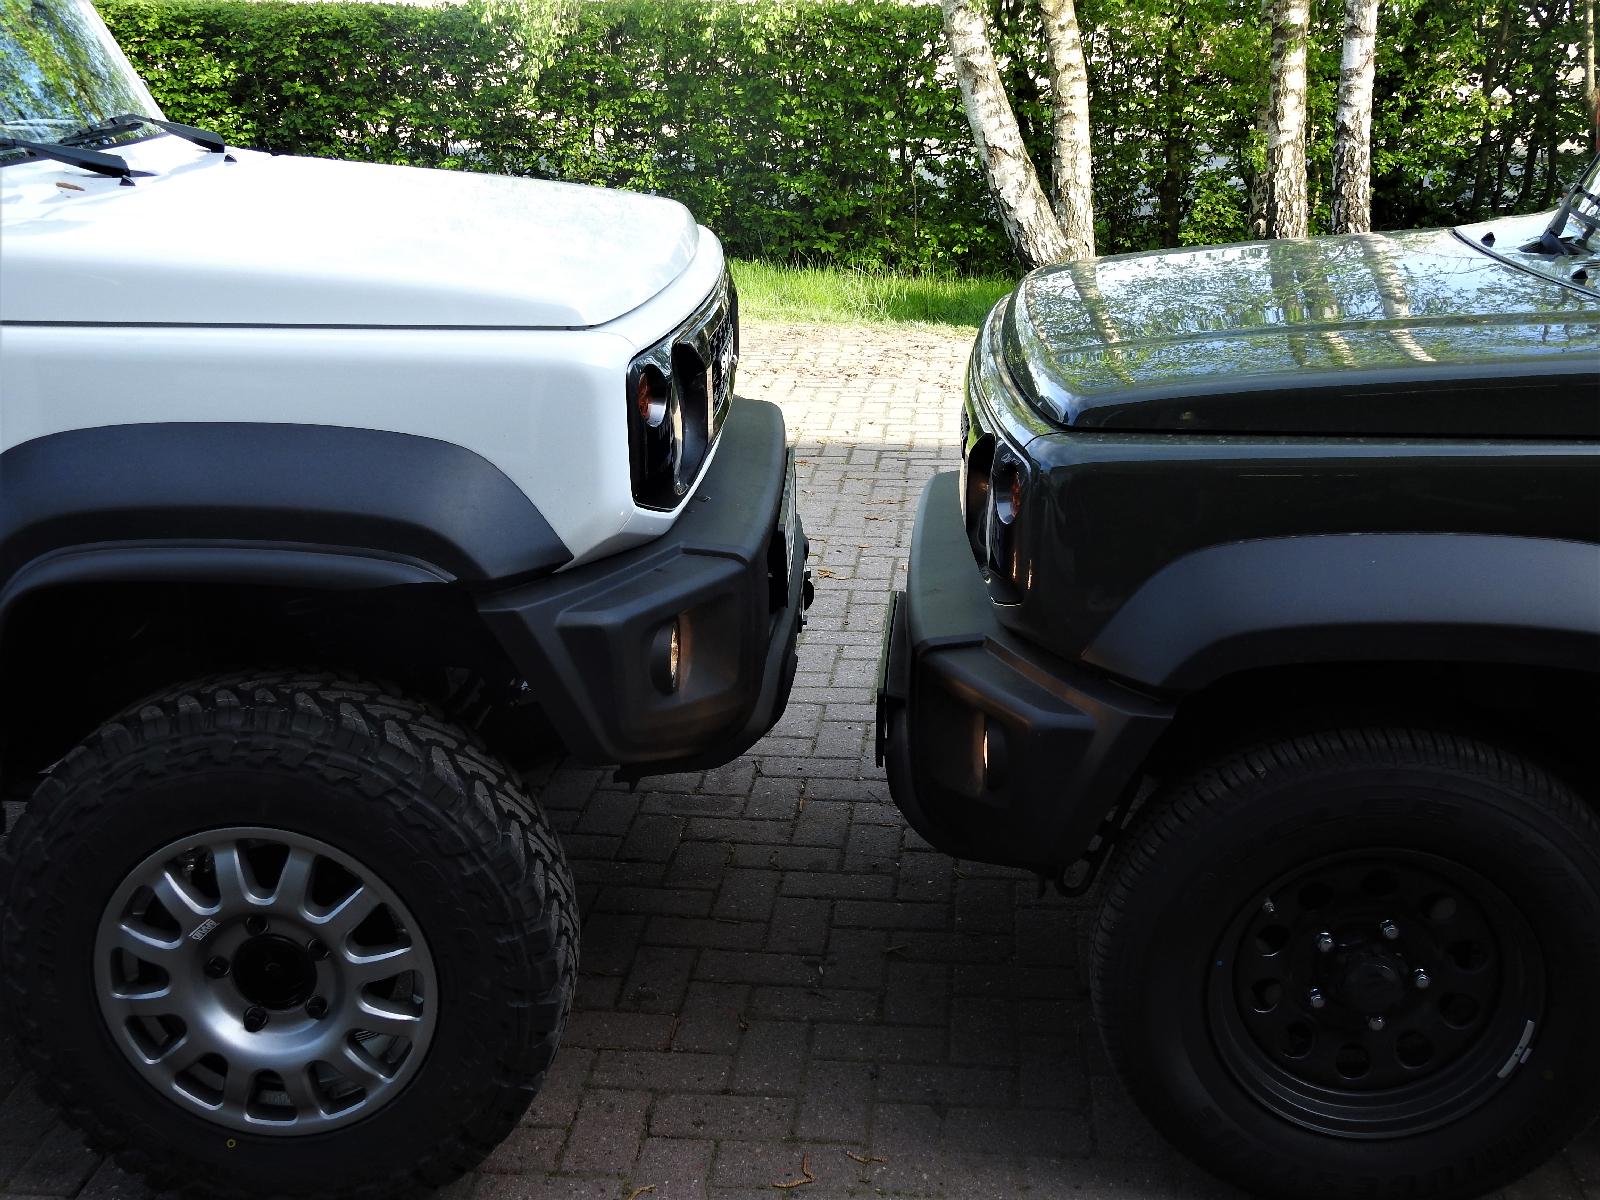 Tibus Portale Suzuki Jimny GJ - 11 Zentimeter mehr Luft unter dem Differenzial.